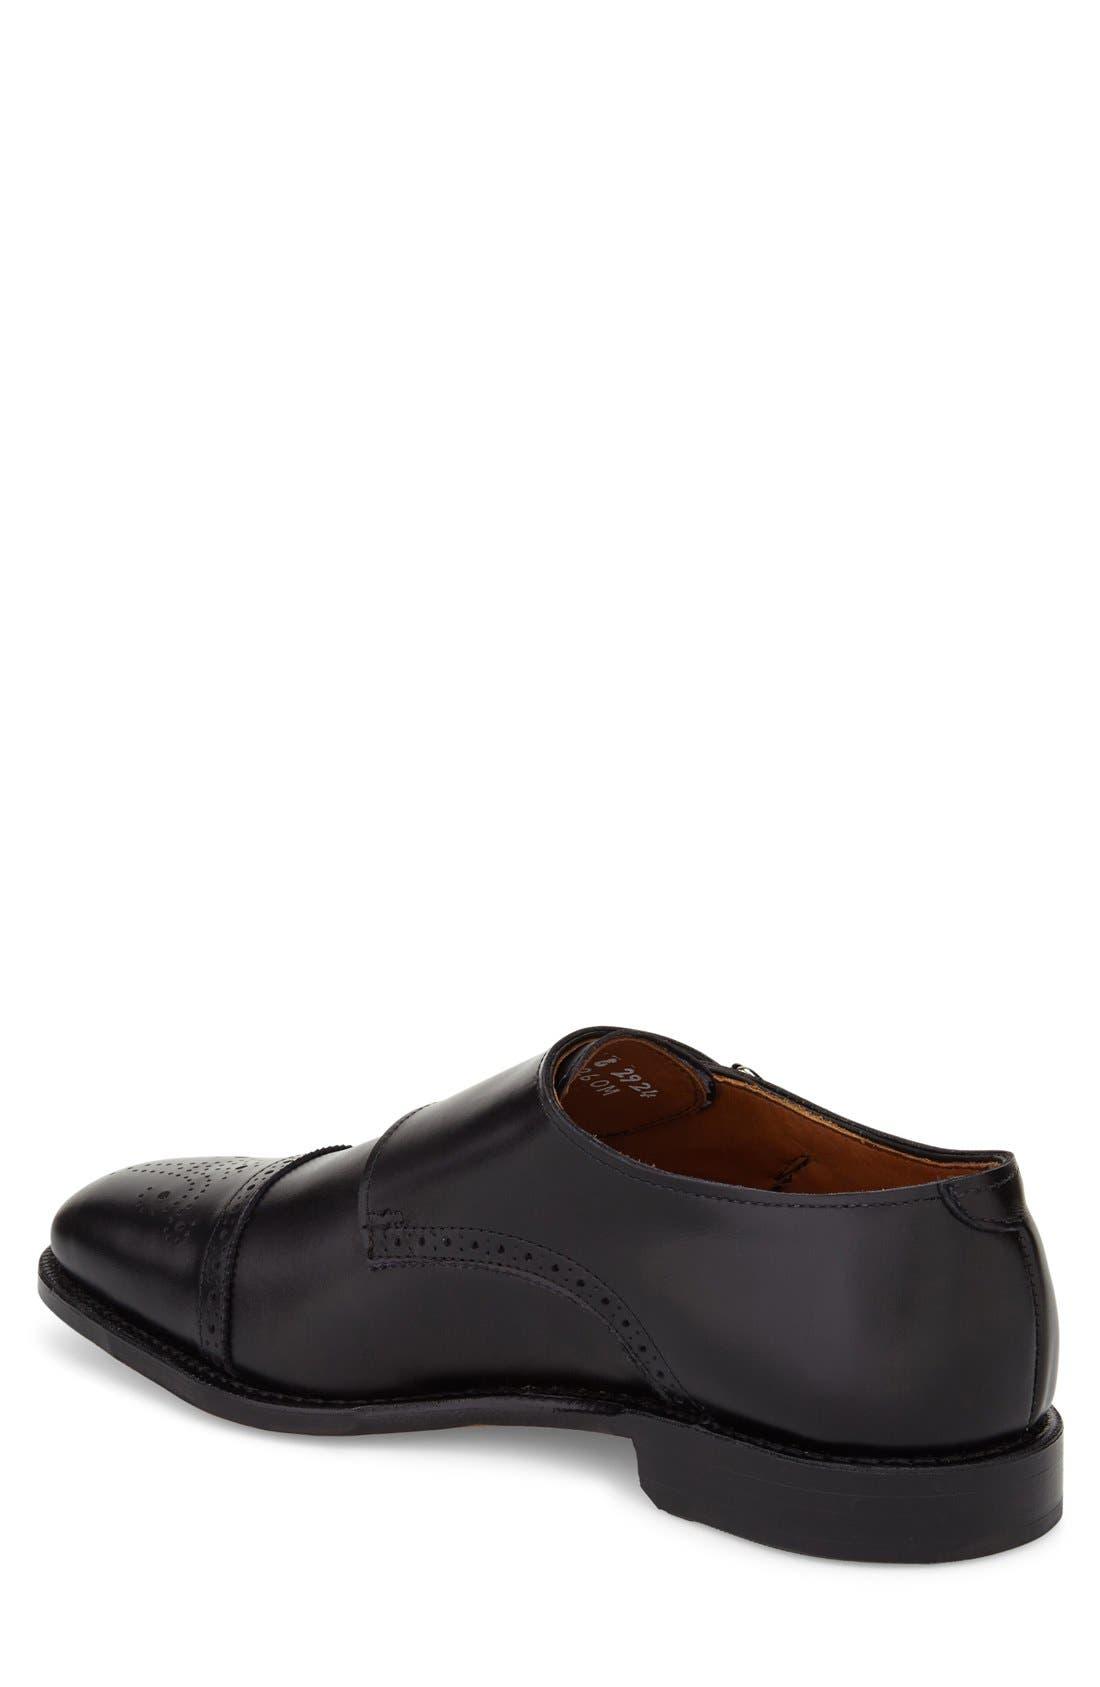 Alternate Image 2  - Allen Edmonds 'St. Johns' Double Monk Strap Shoe (Men)